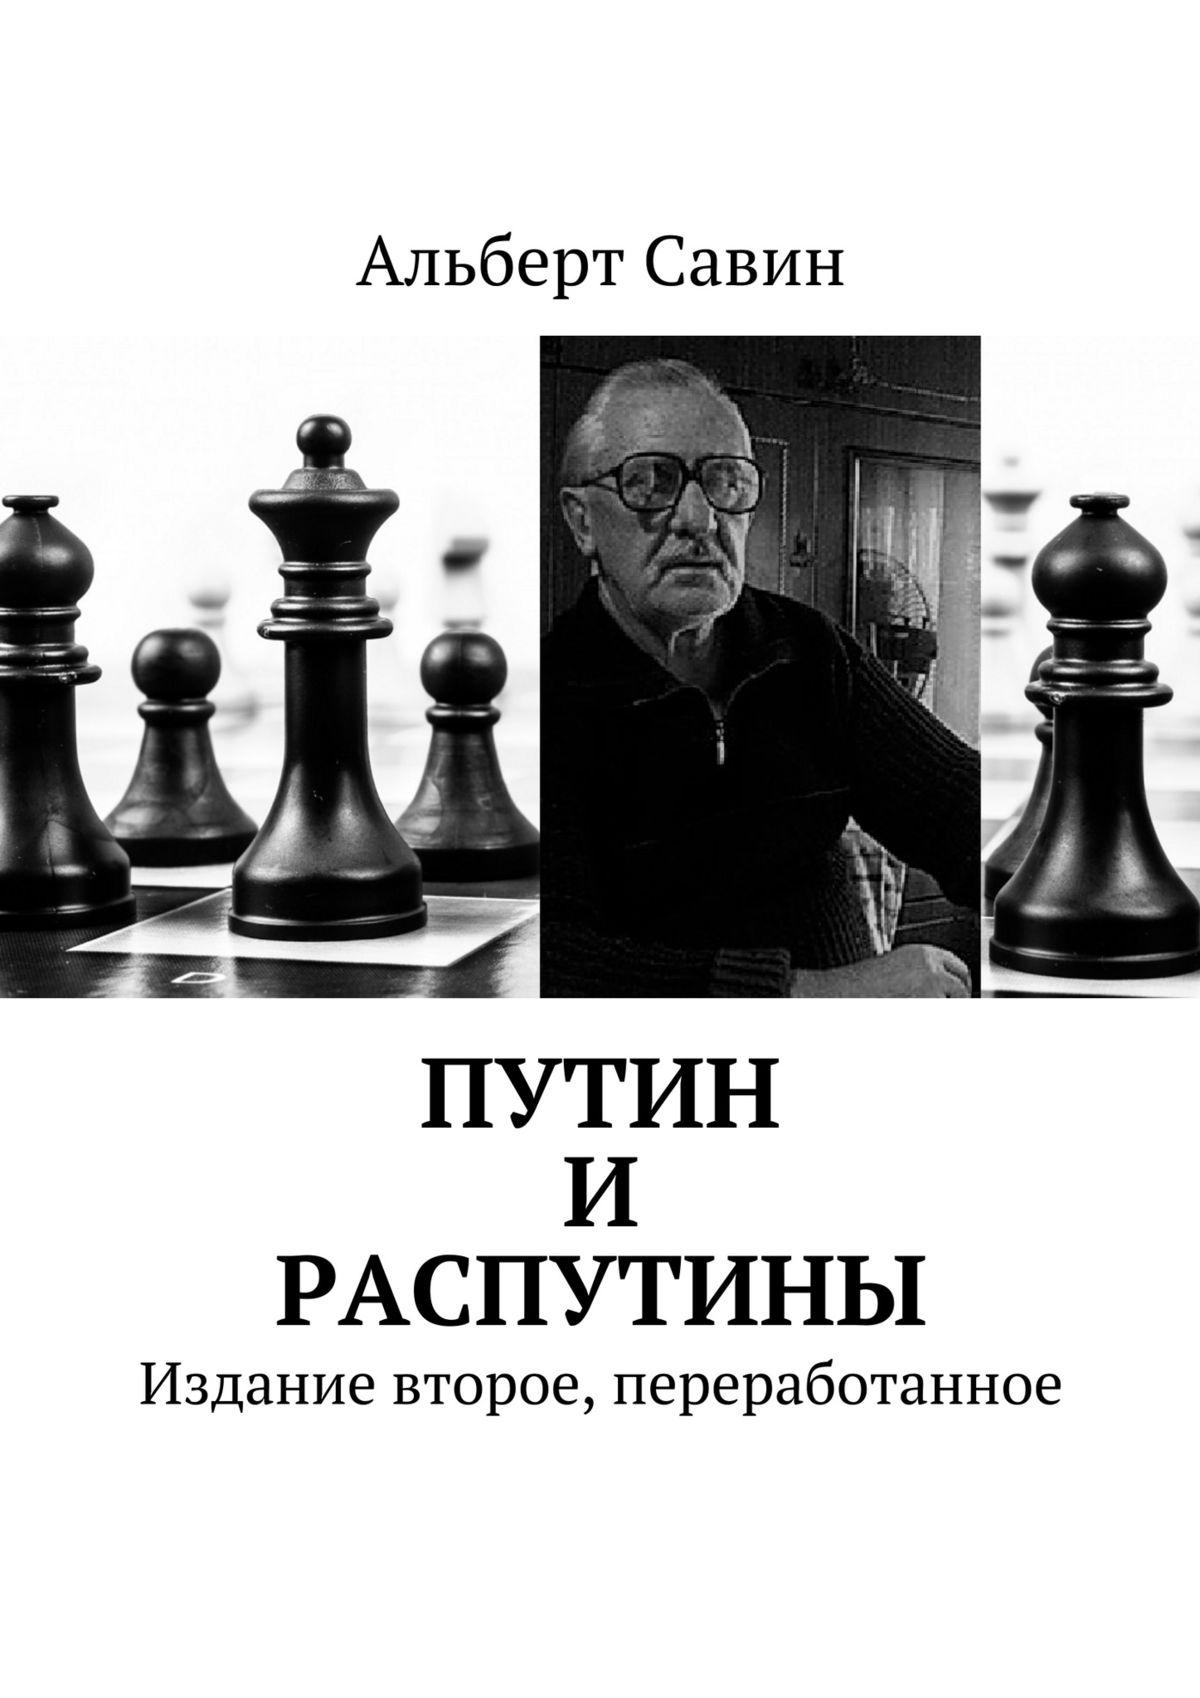 Альберт Федорович Савин Путин ираспутины. Издание второе, переработанное